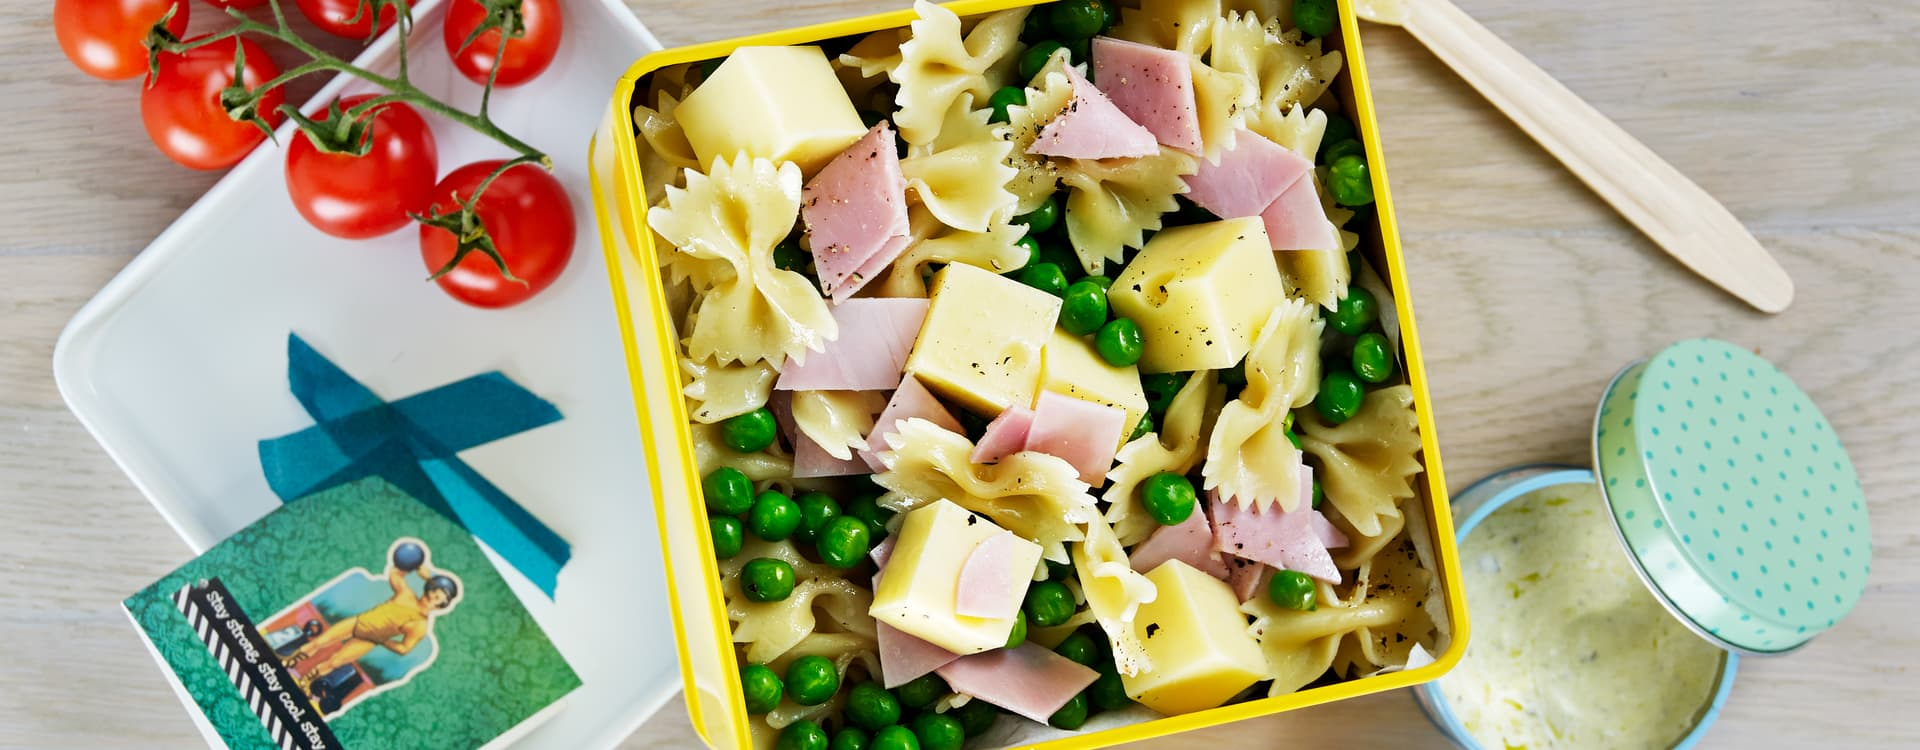 Pastasalat med pastasløyfer, erter og skinke.